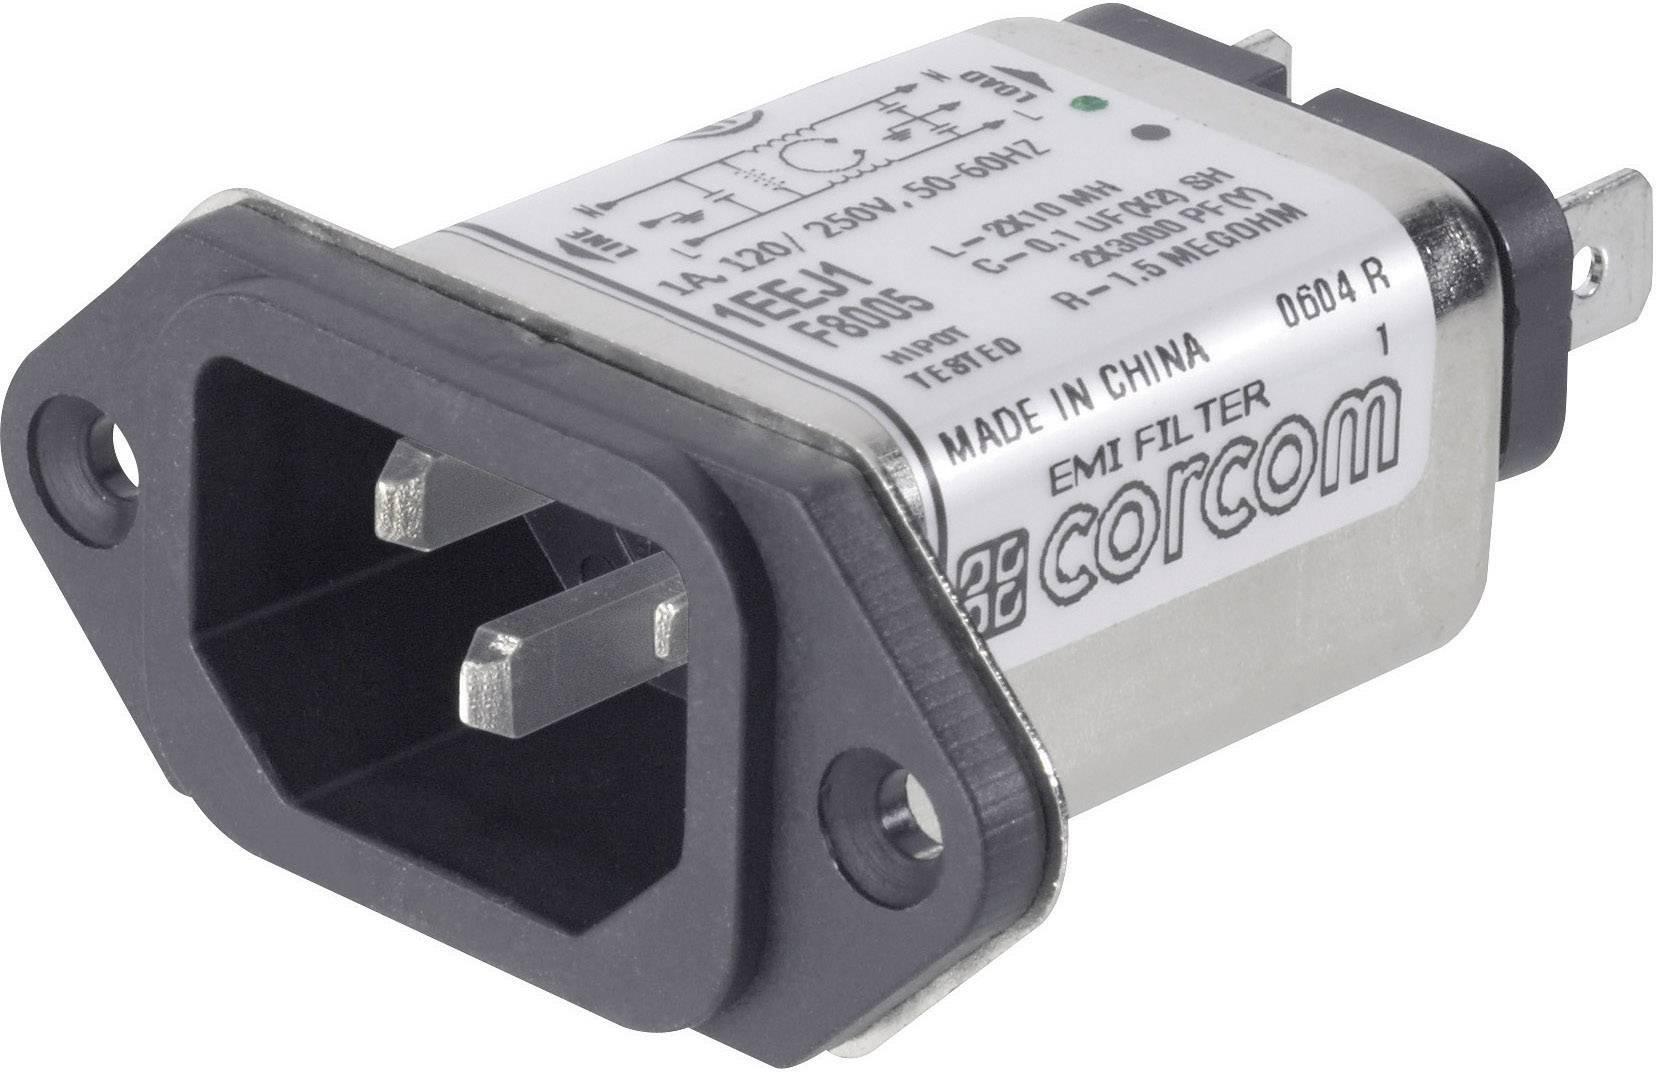 Sieťový filter TE Connectivity 1-6609006-0 1-6609006-0, s IEC zásuvkou, 250 V/AC, 6 A, 465 mH, 1 ks